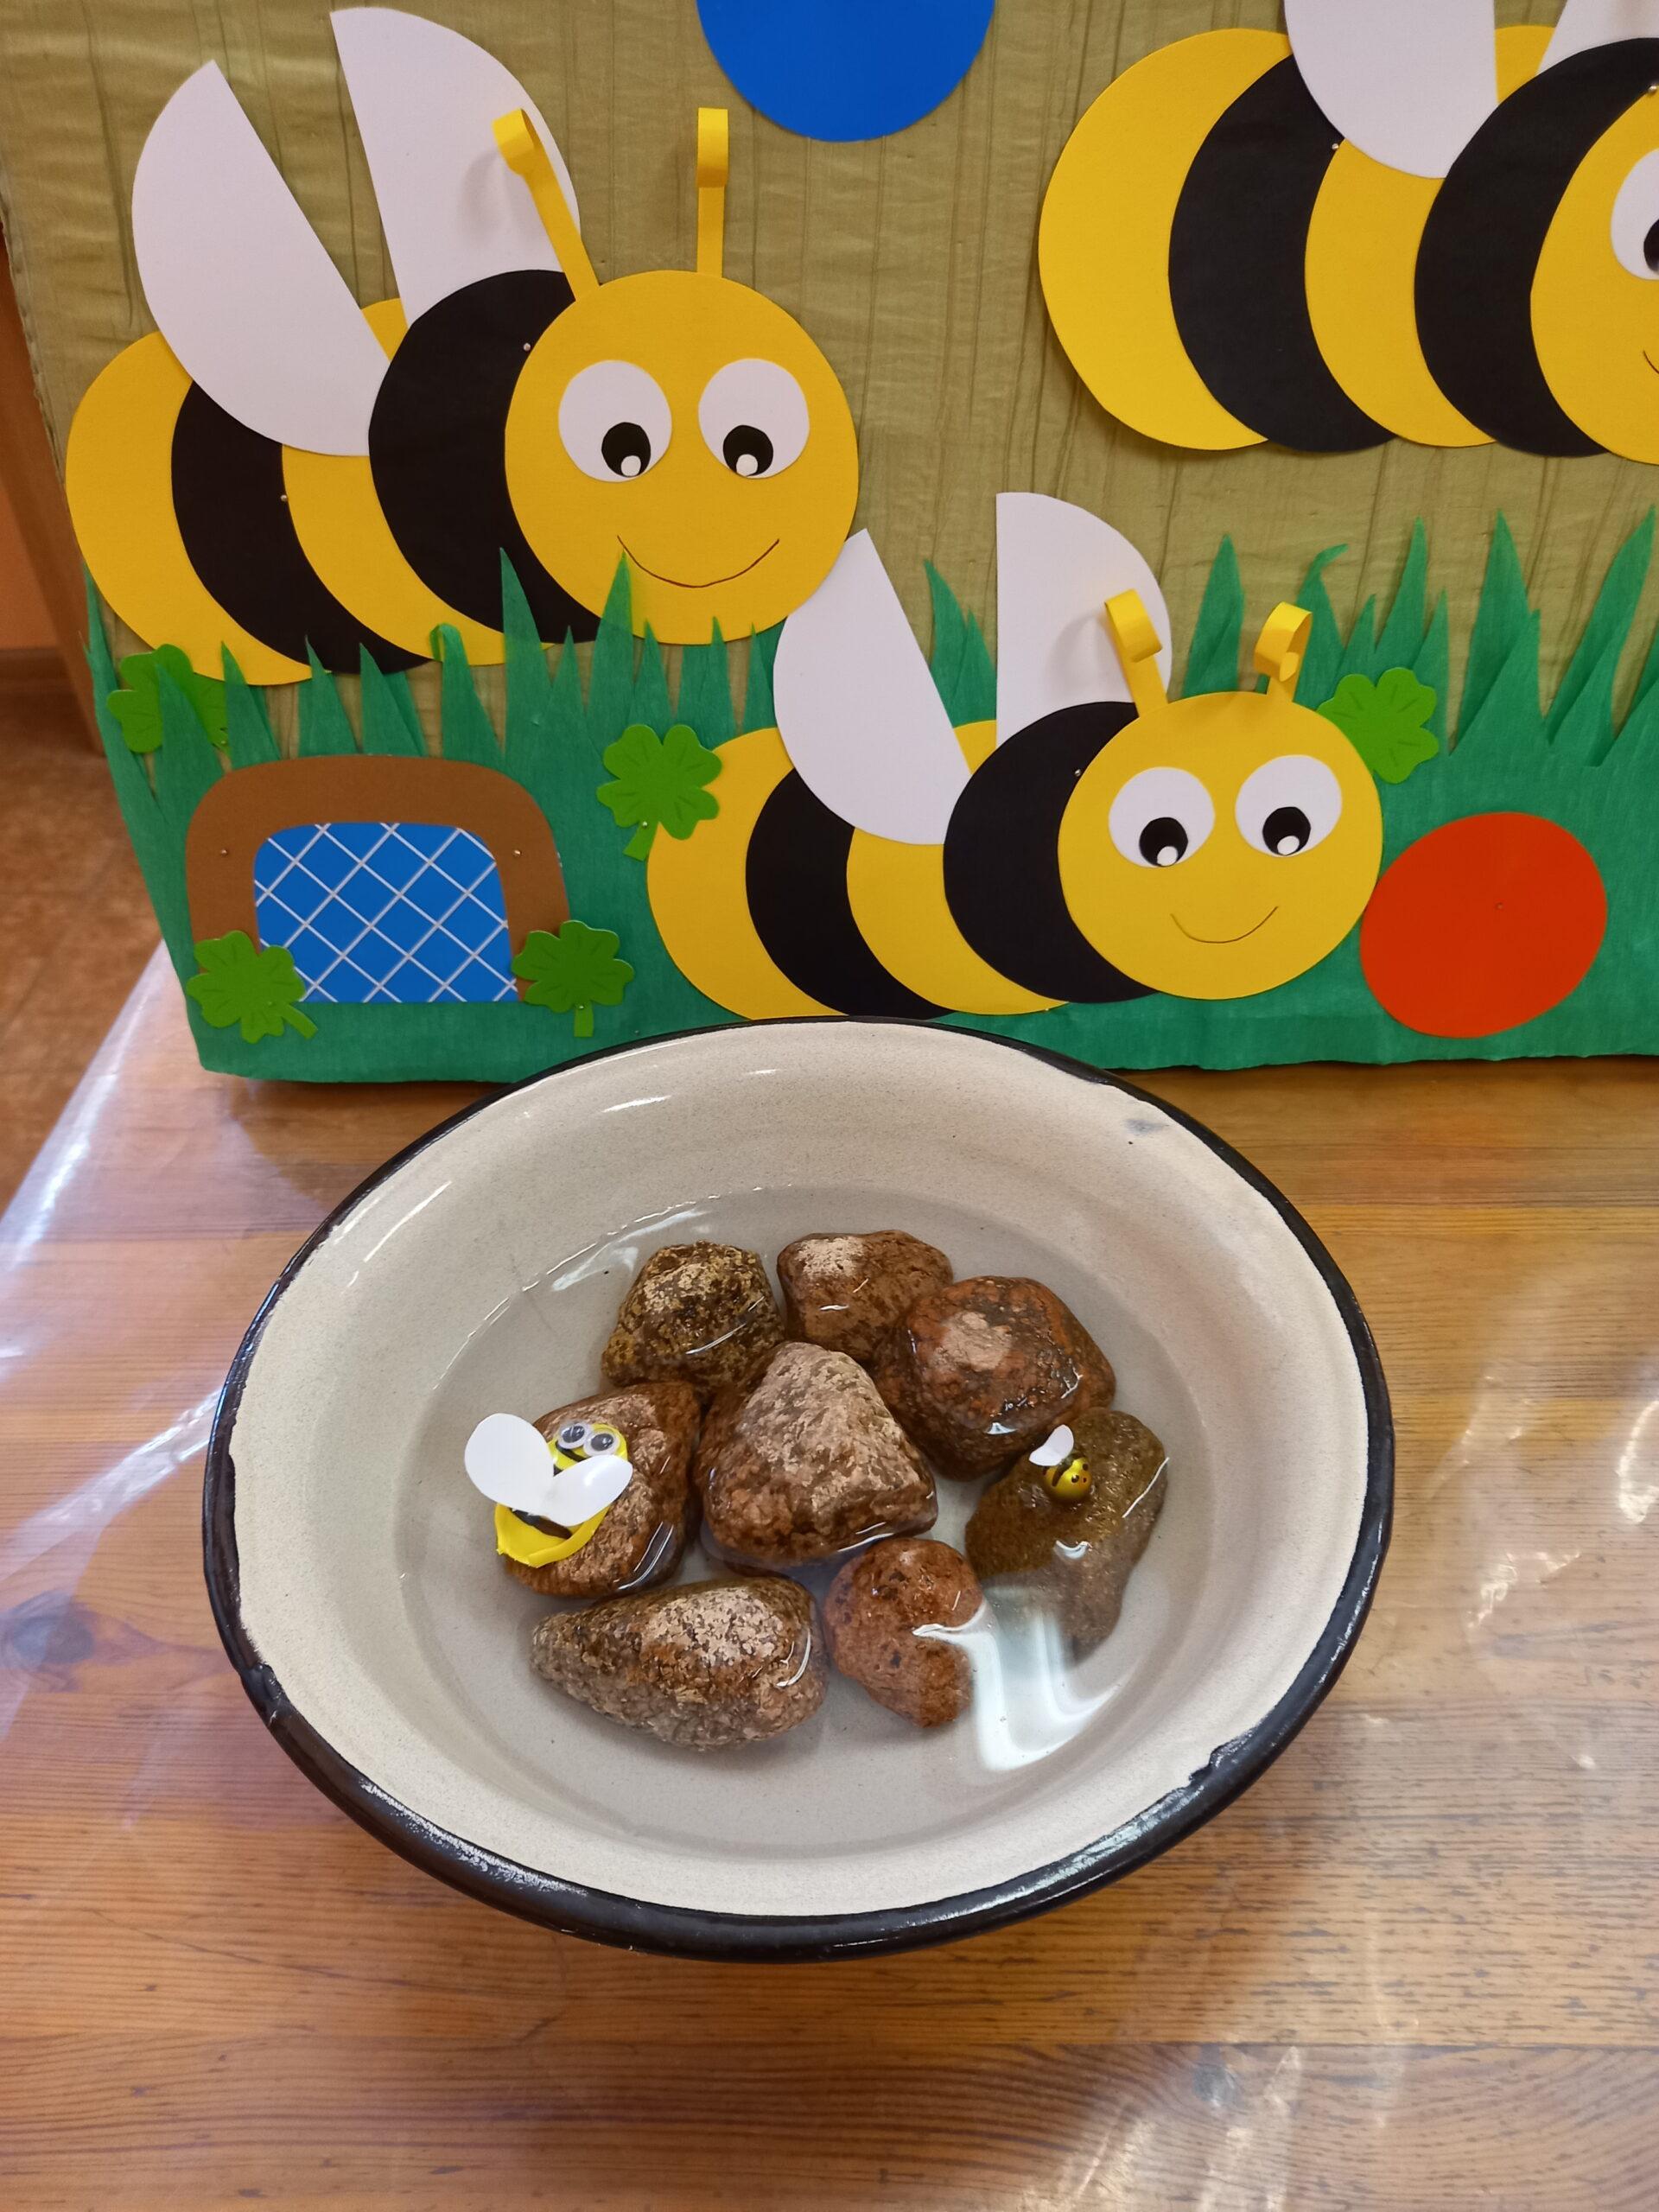 dzieci podczas spotkania z książką w bibliotece. Temat dotyczy ochrony i życia pszczół